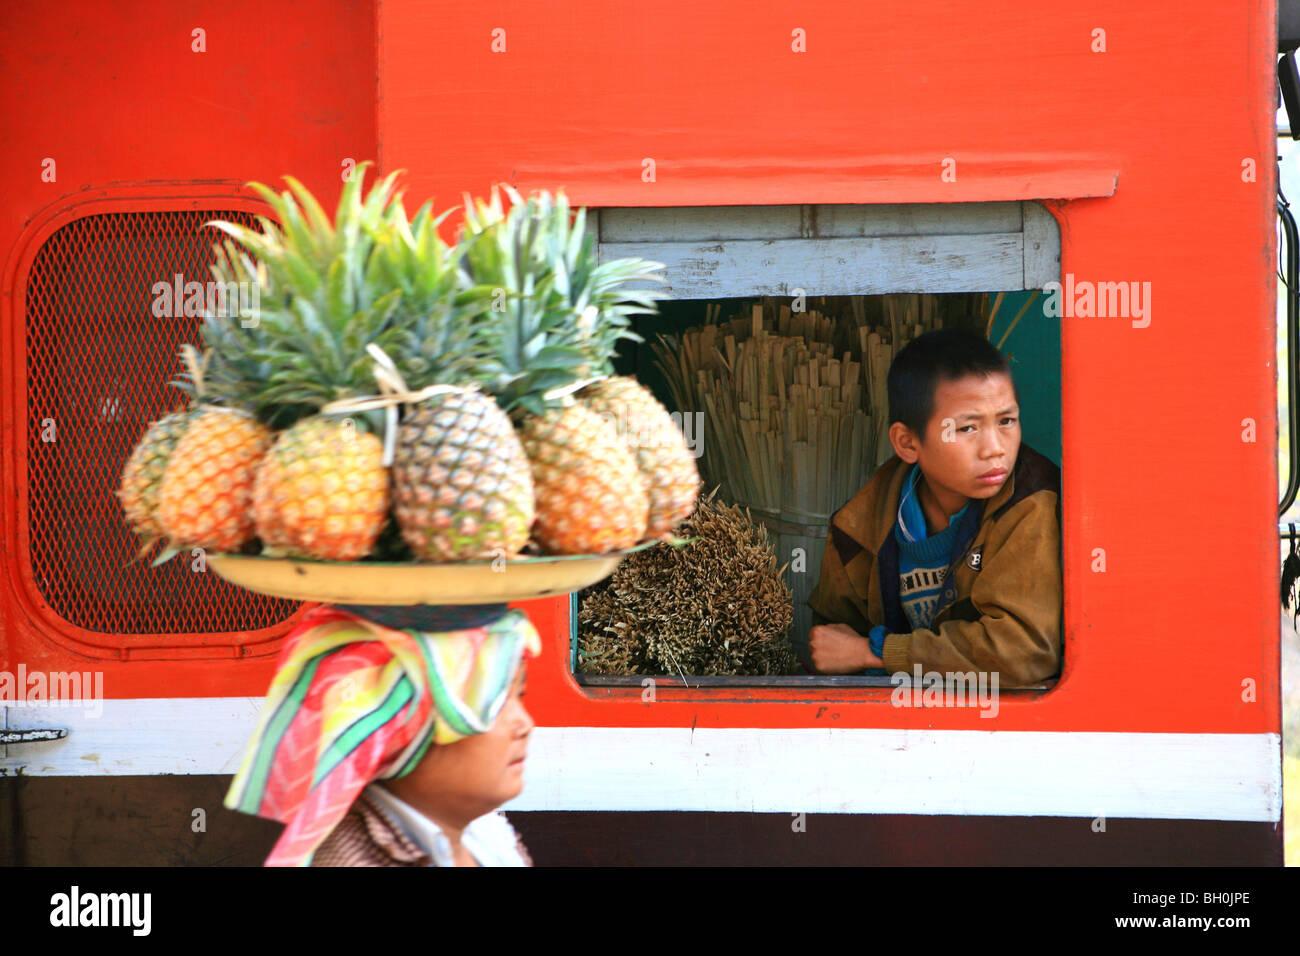 Una mujer que vende fruta, un niño mirando por la ventana de un tren, Hispaw, Estado de Shan, Myanmar, Birmania, Imagen De Stock